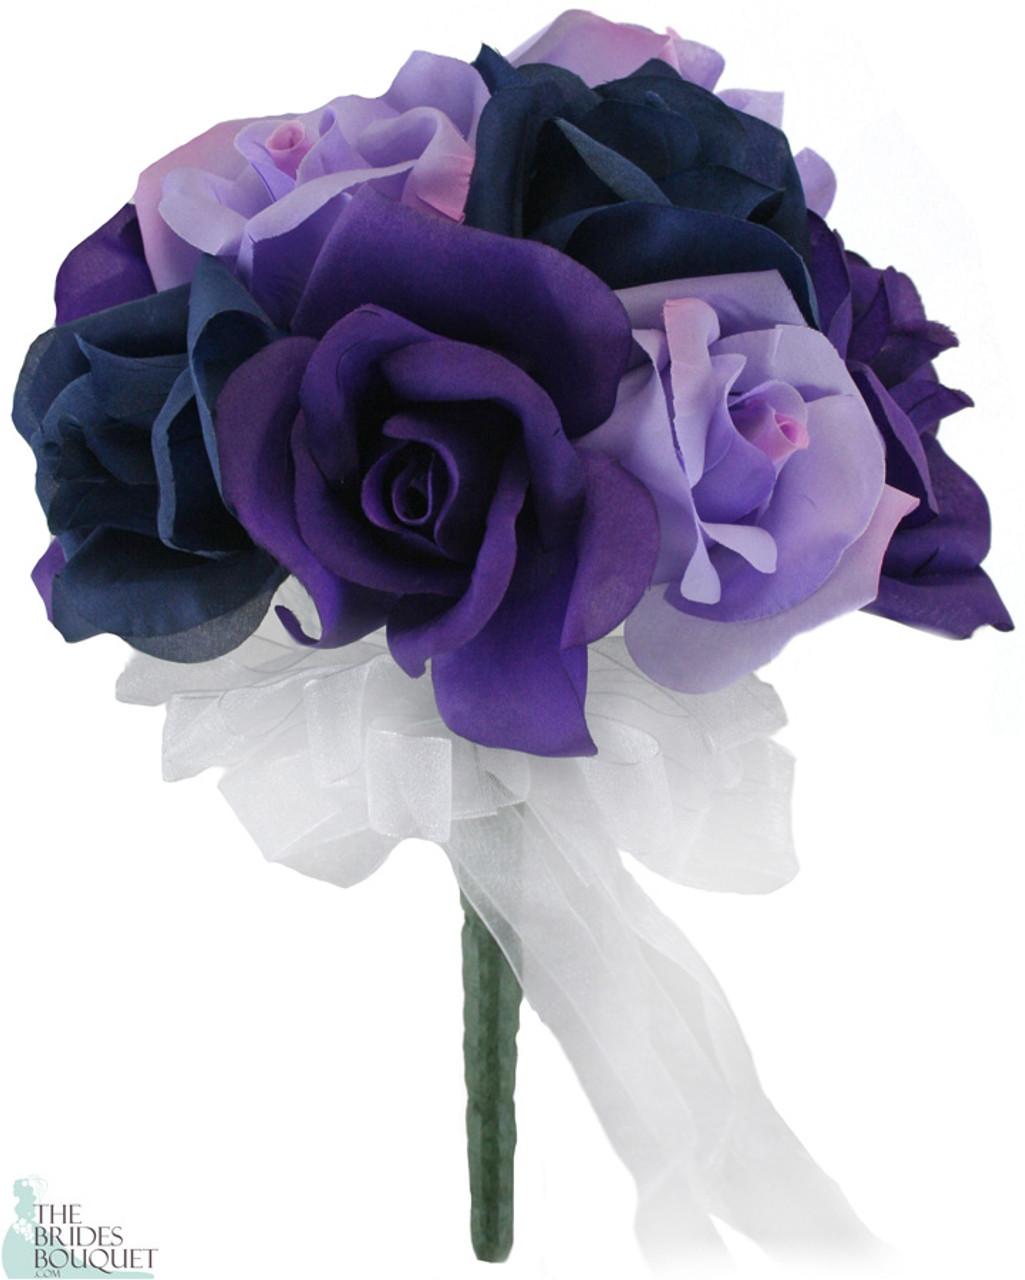 Purple Lavender Navy Rose Bouquet Wedding Bouquet Toss Cheap Bridesmaid Bouquets Silk Wedding Flowers Artificial Wedding Bouquets One Dozen Roses Thebridesbouquet Com